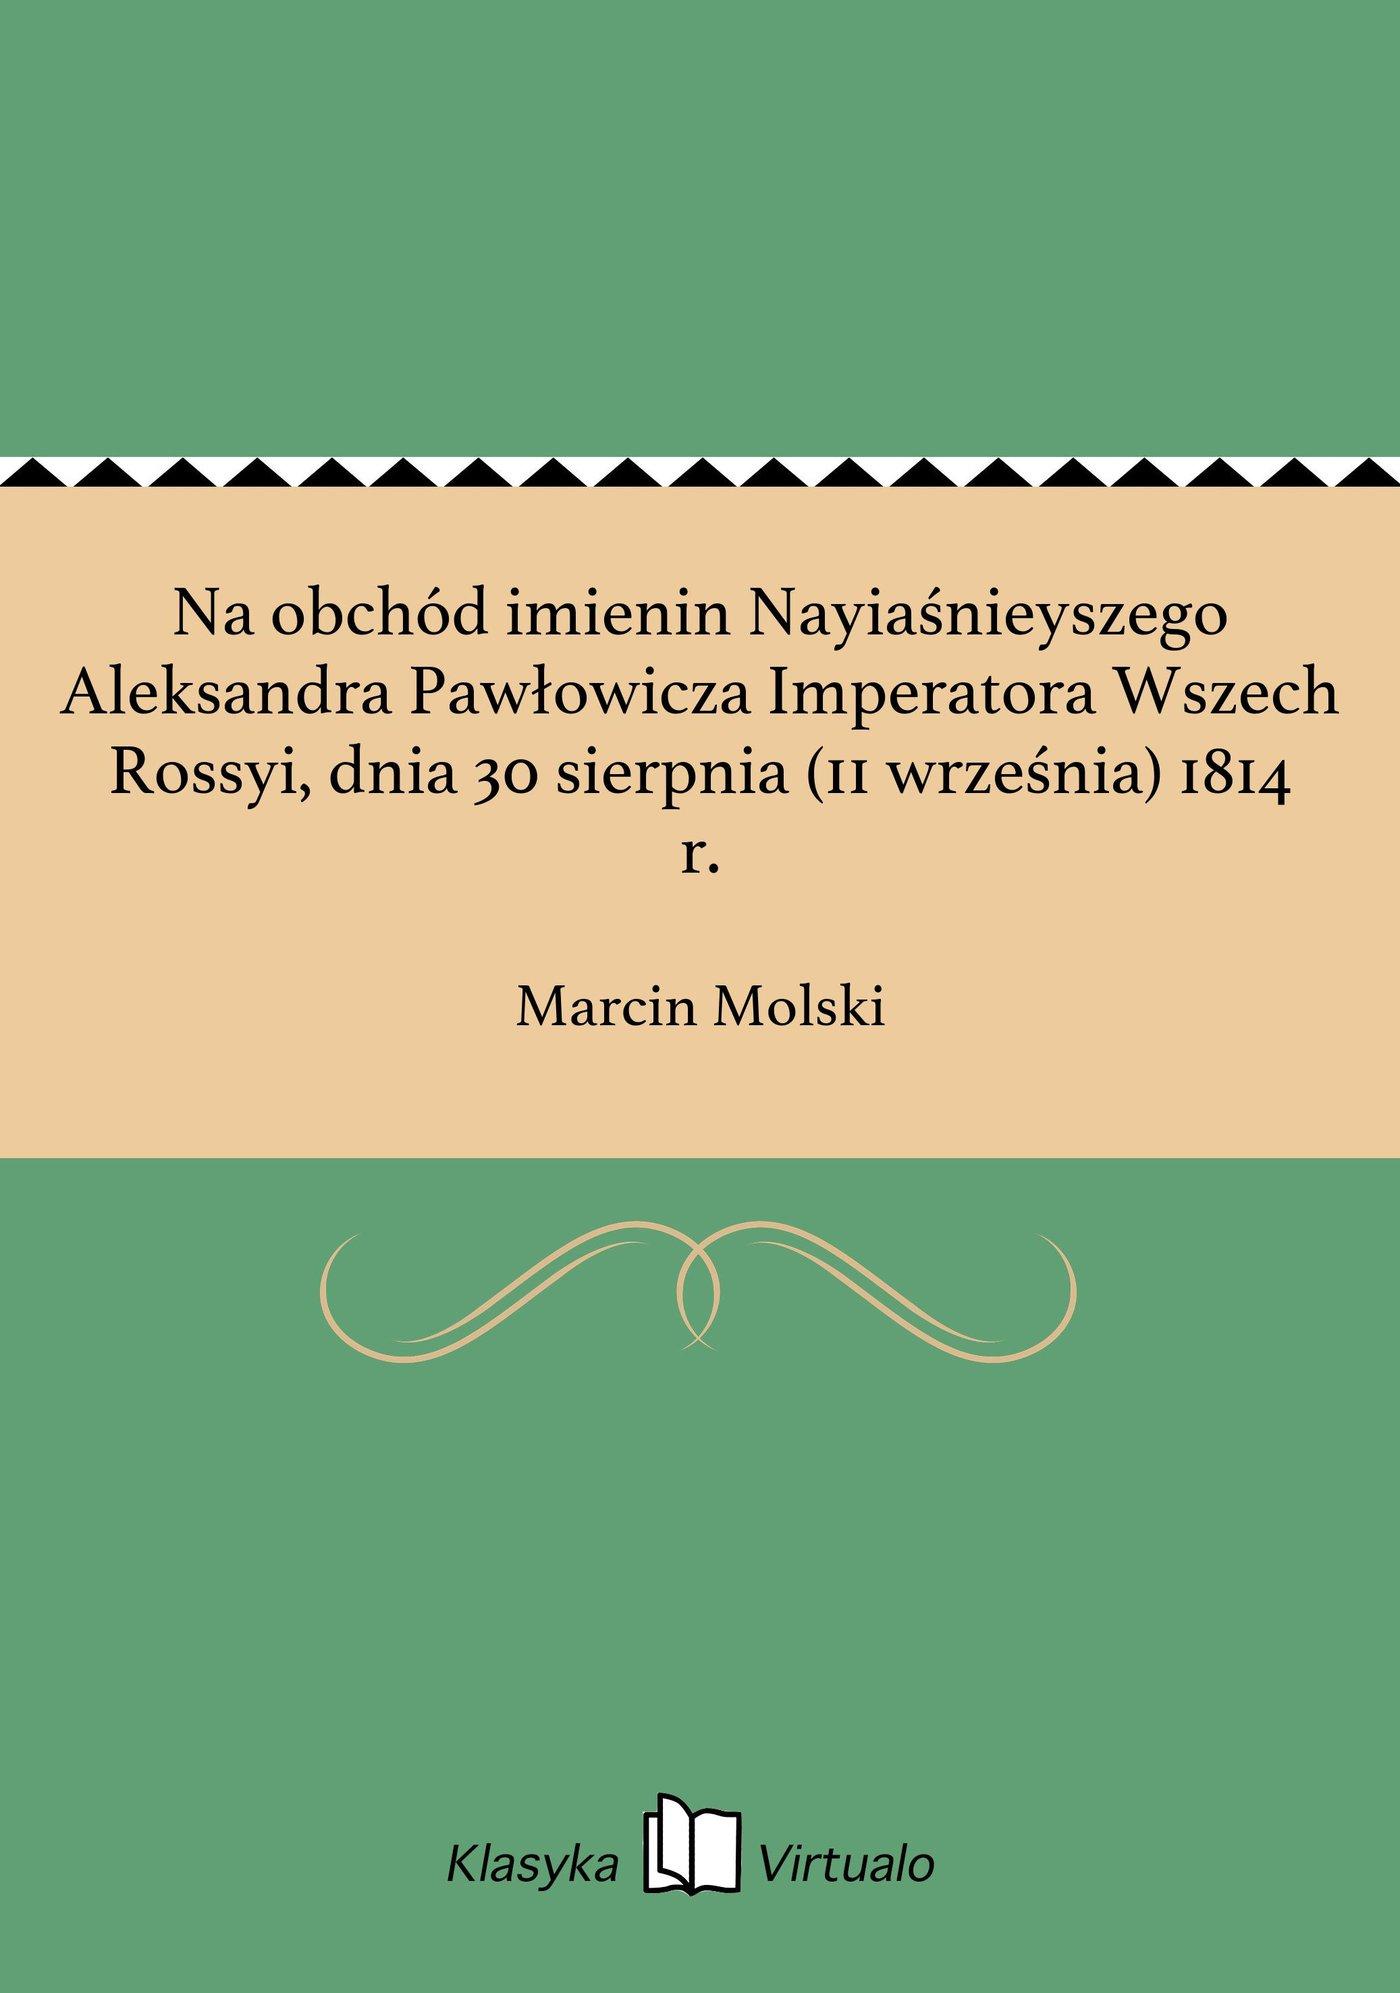 Na obchód imienin Nayiaśnieyszego Aleksandra Pawłowicza Imperatora Wszech Rossyi, dnia 30 sierpnia (11 września) 1814 r. - Ebook (Książka na Kindle) do pobrania w formacie MOBI